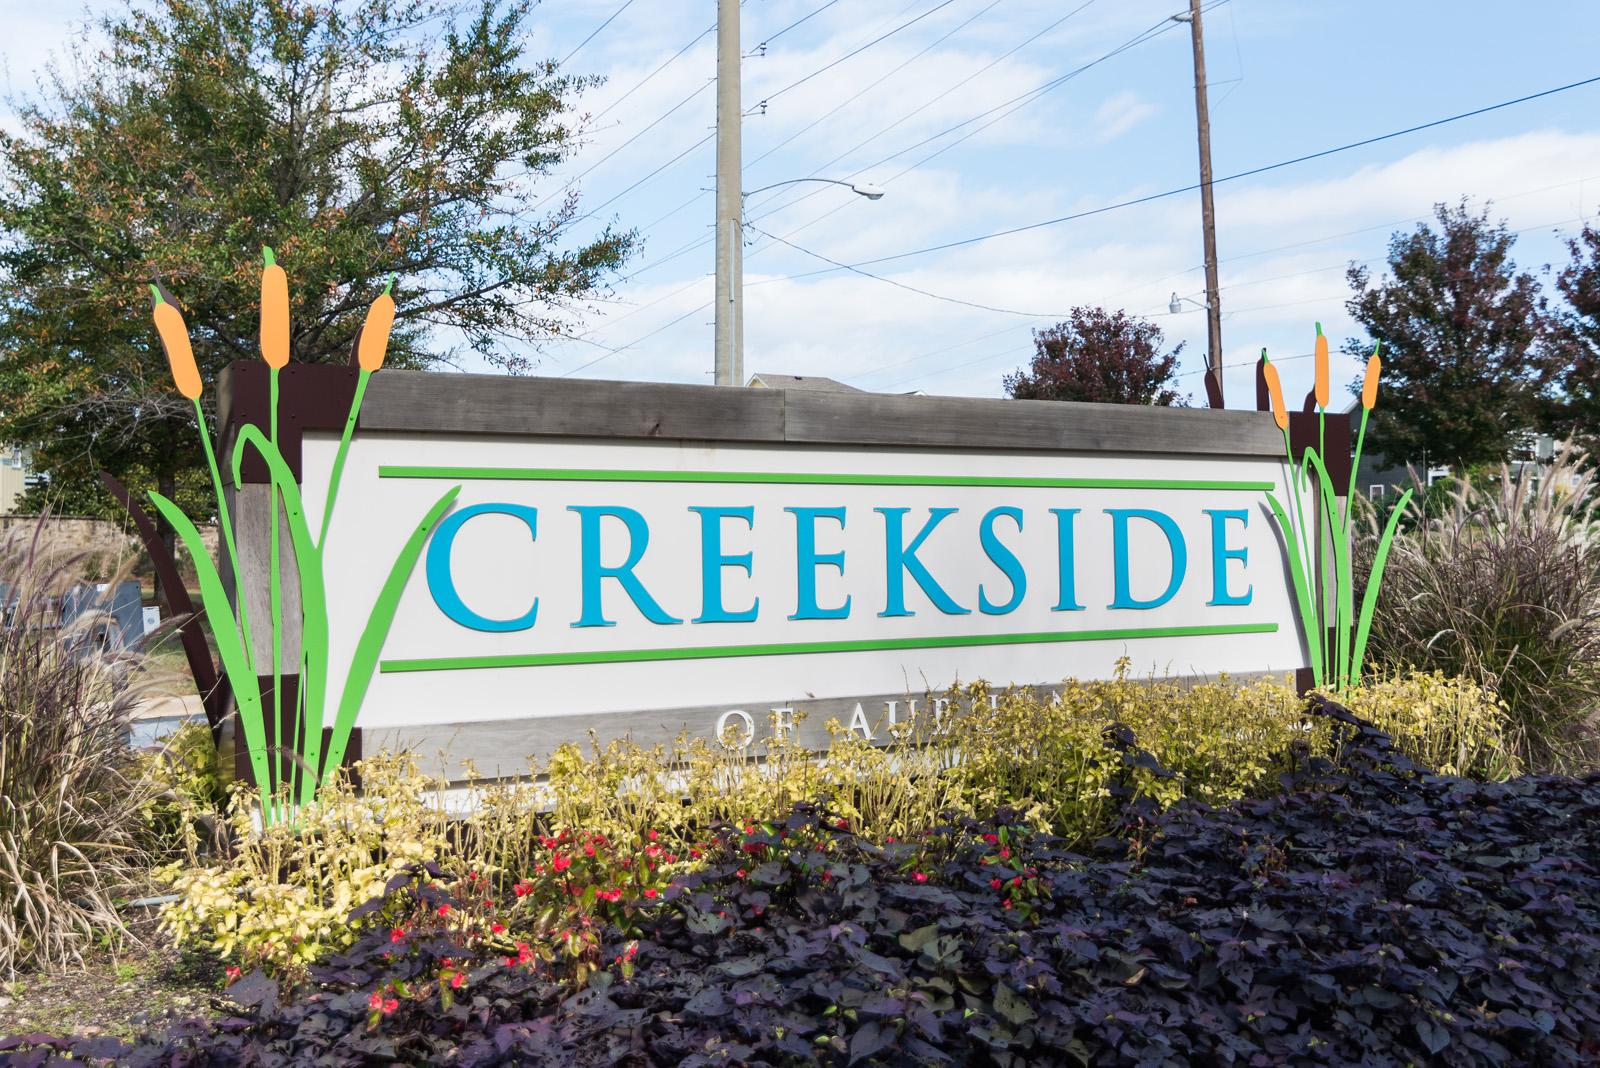 Creekside Entrance